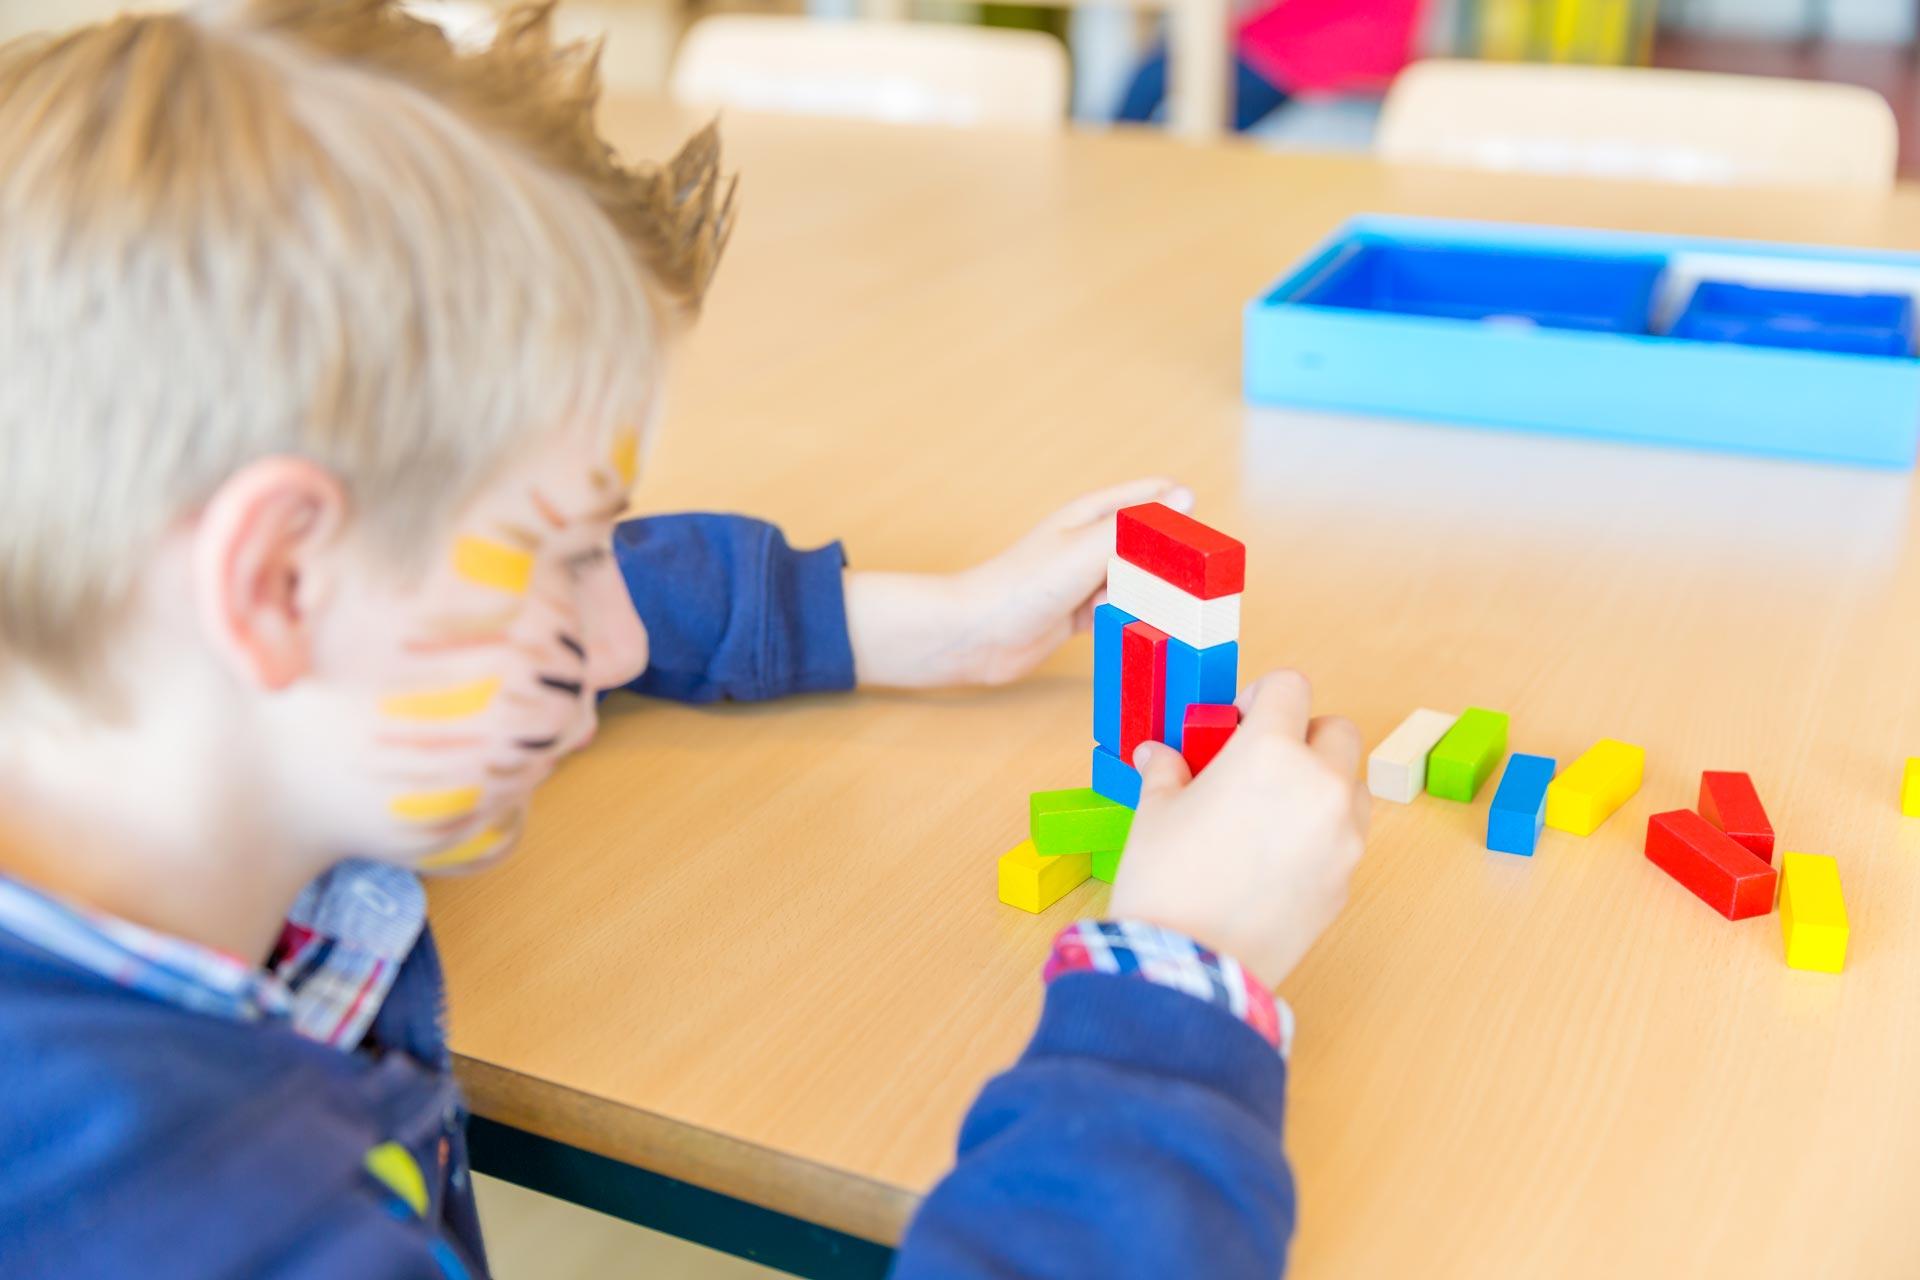 Kinderen in BSO Lev Utrecht spelen met blokken